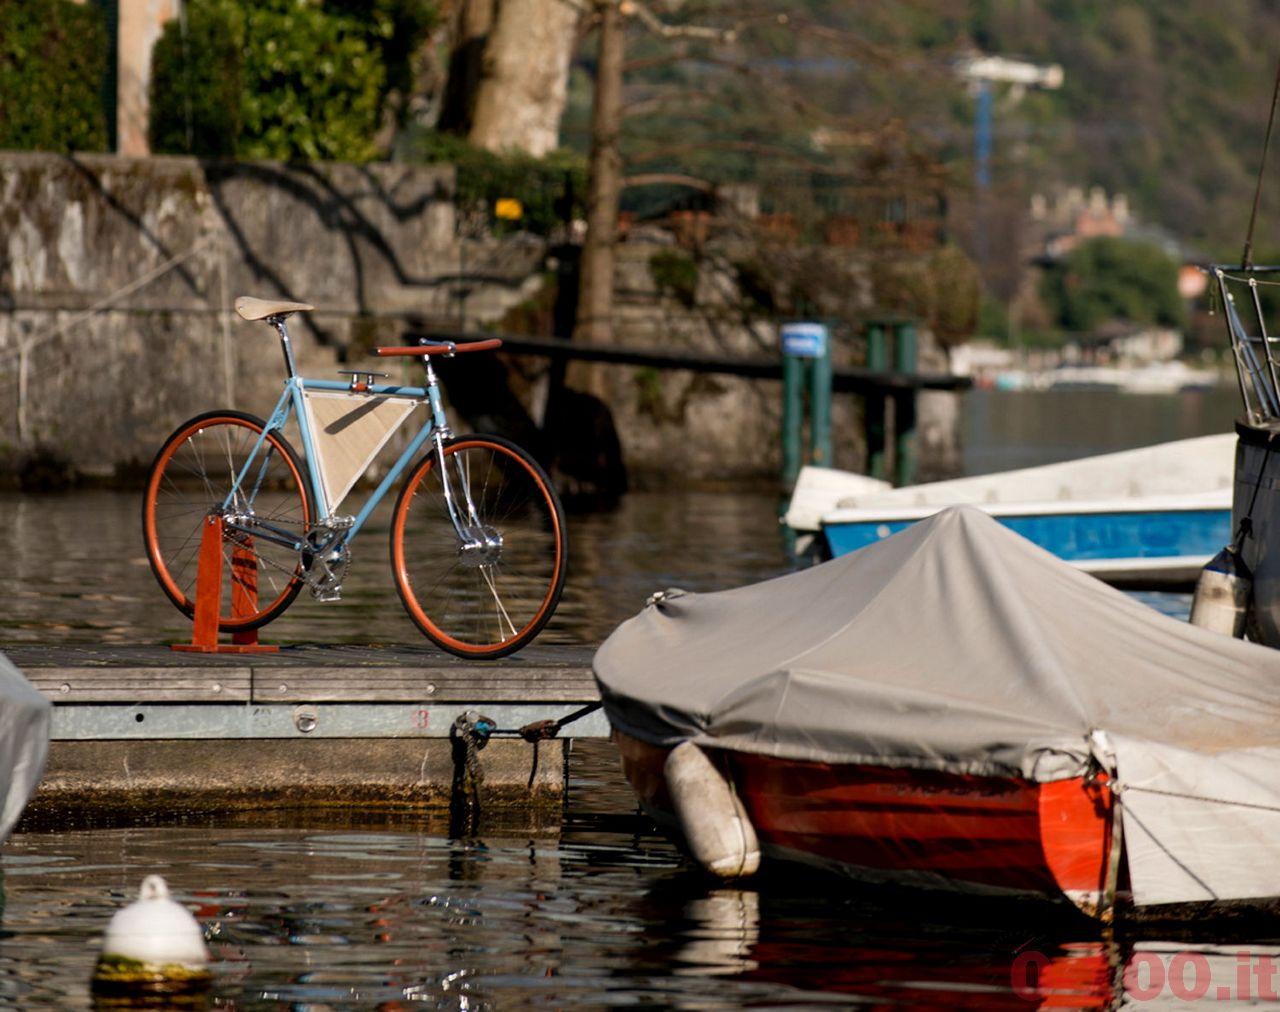 biciclette-revolton-made-como_0-1002